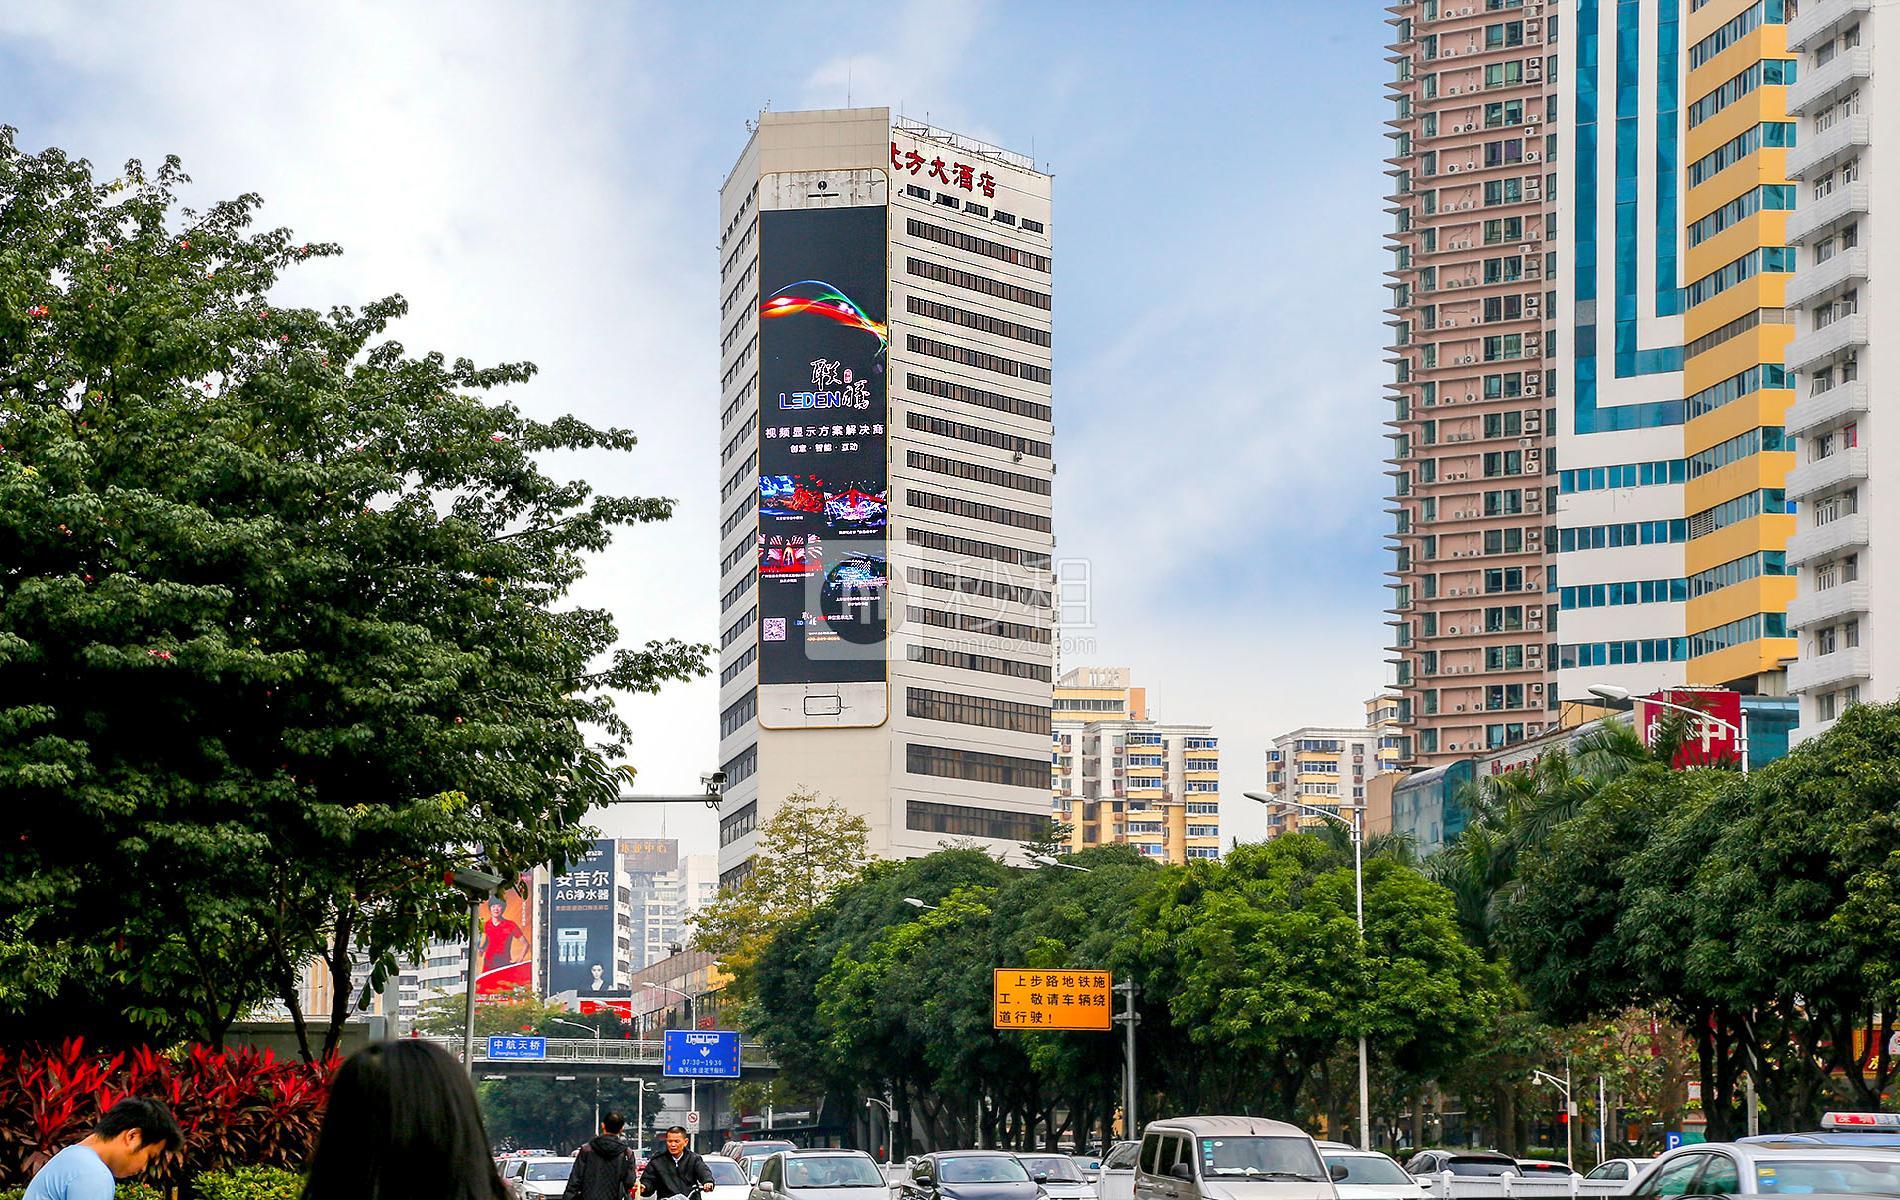 北方大酒店写字楼出租/招租/租赁,北方大酒店办公室出租/招租/租赁